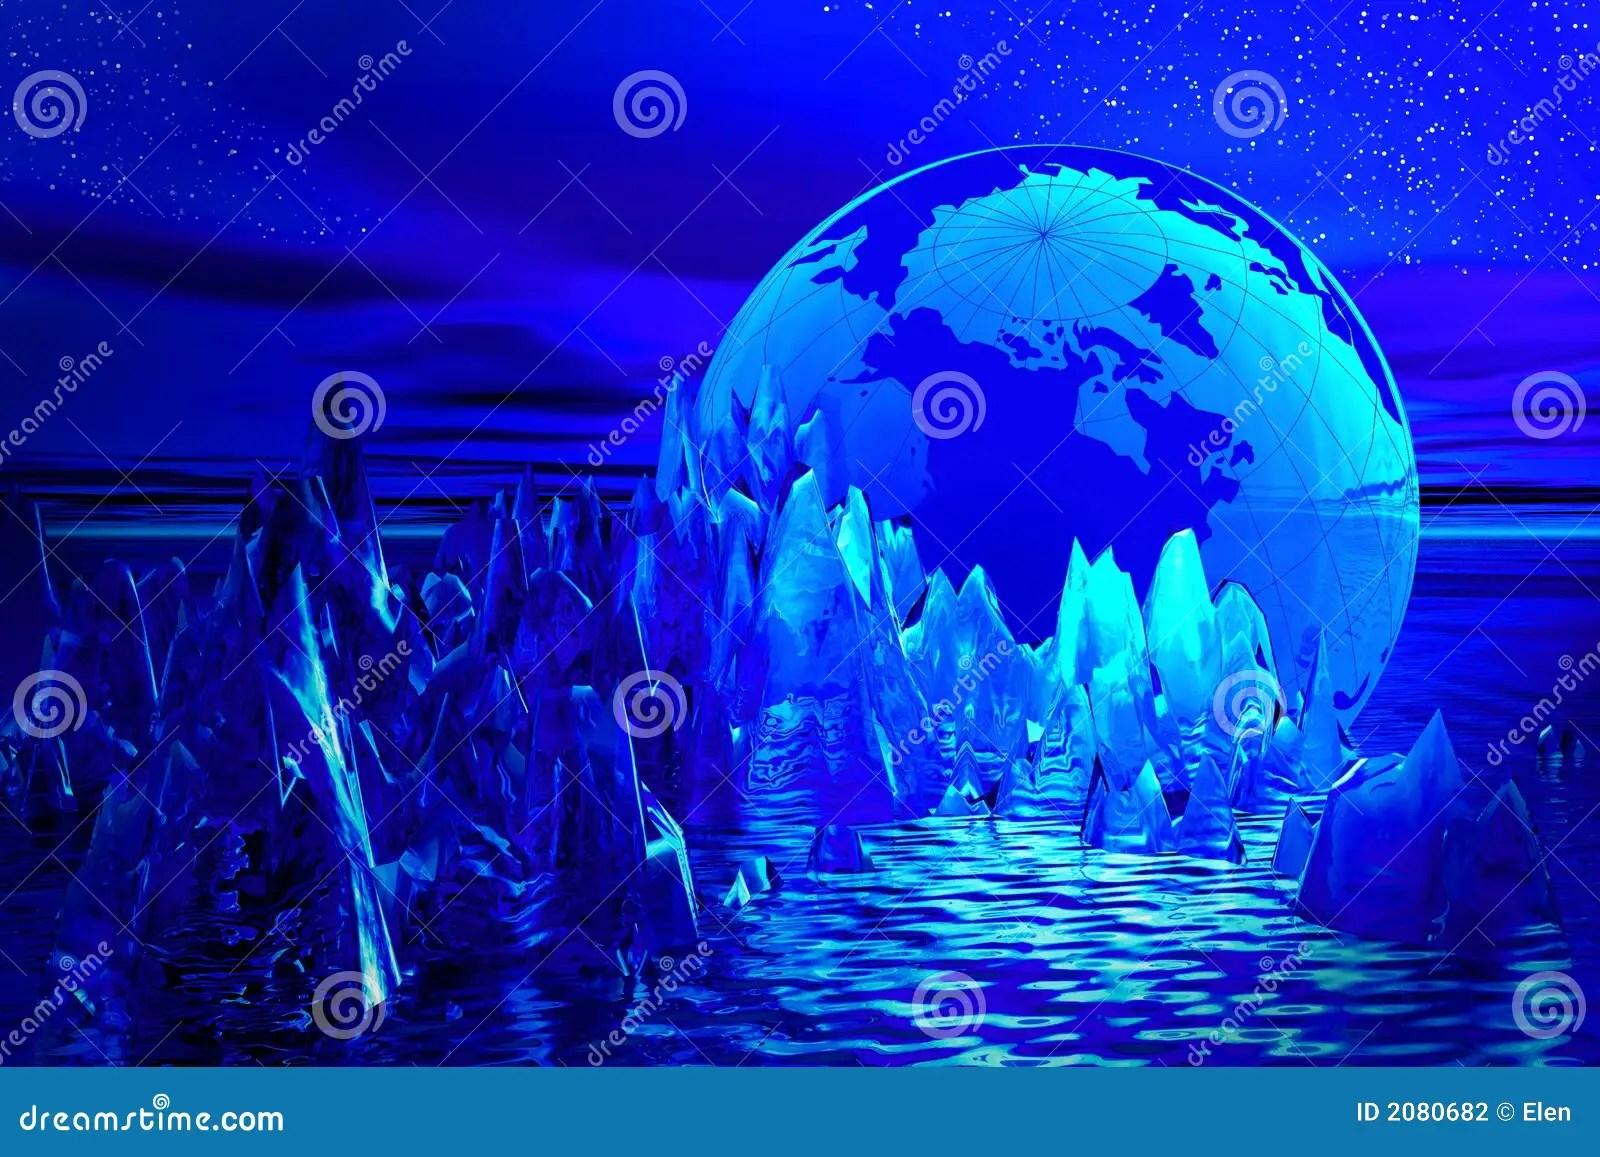 Paesaggio fantastico illustrazione di stock Illustrazione di decorazione  2080682